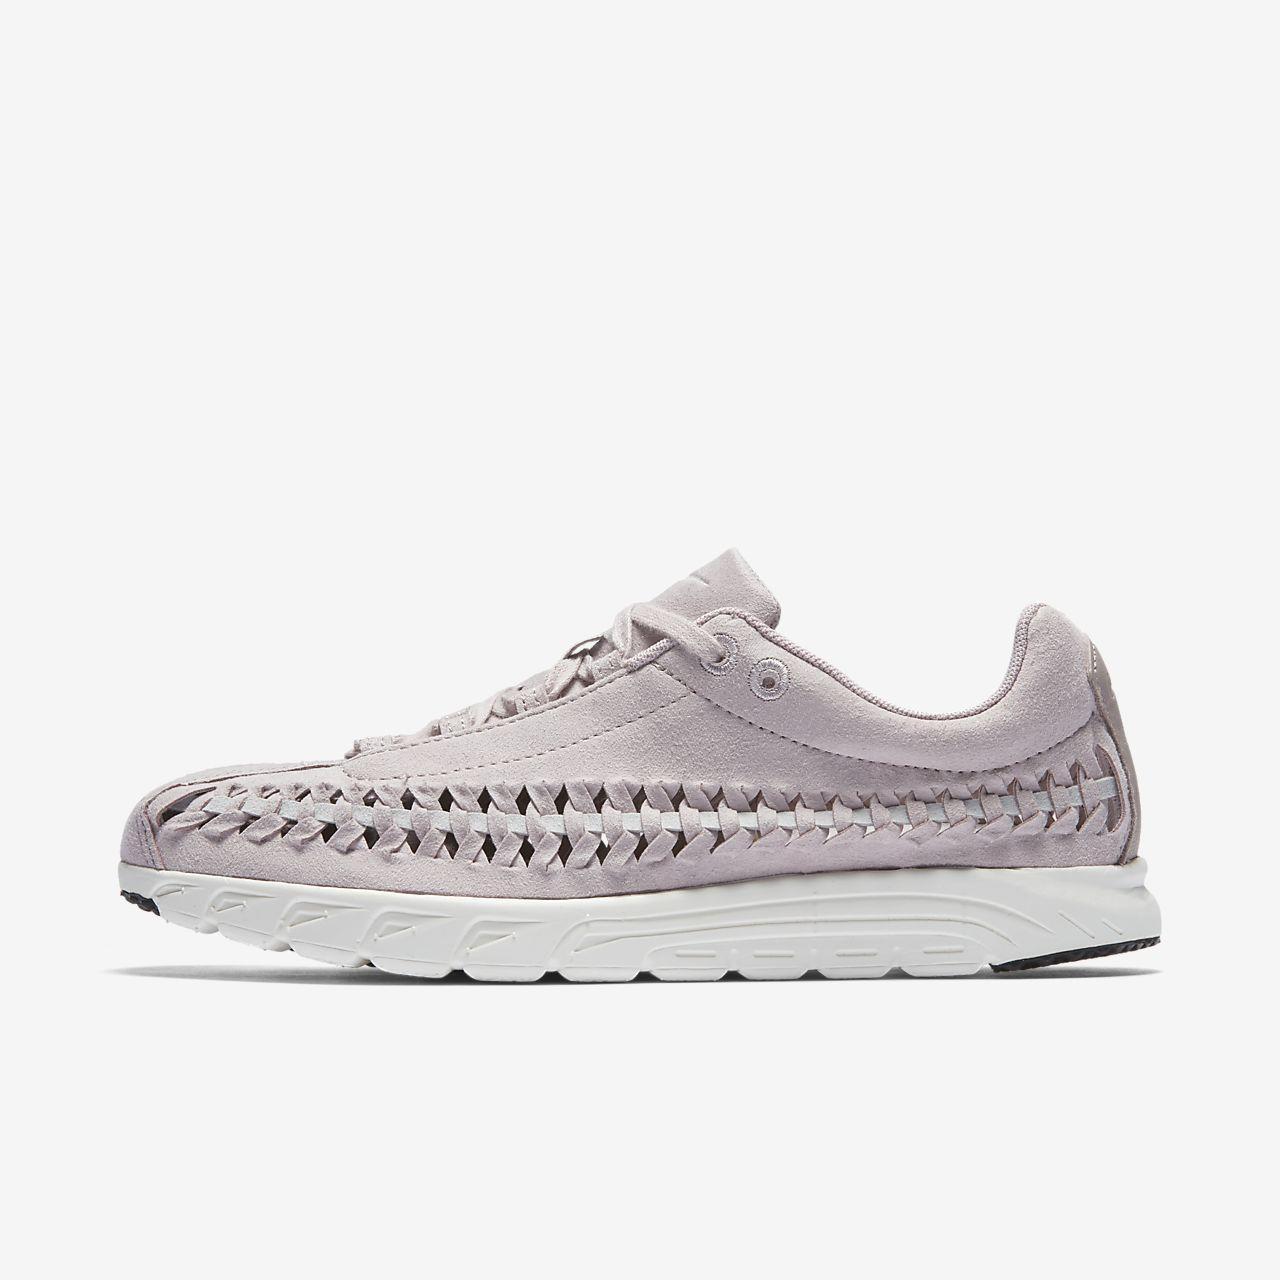 Nike Mayfly Woven Women's Shoe Sail NB6614558